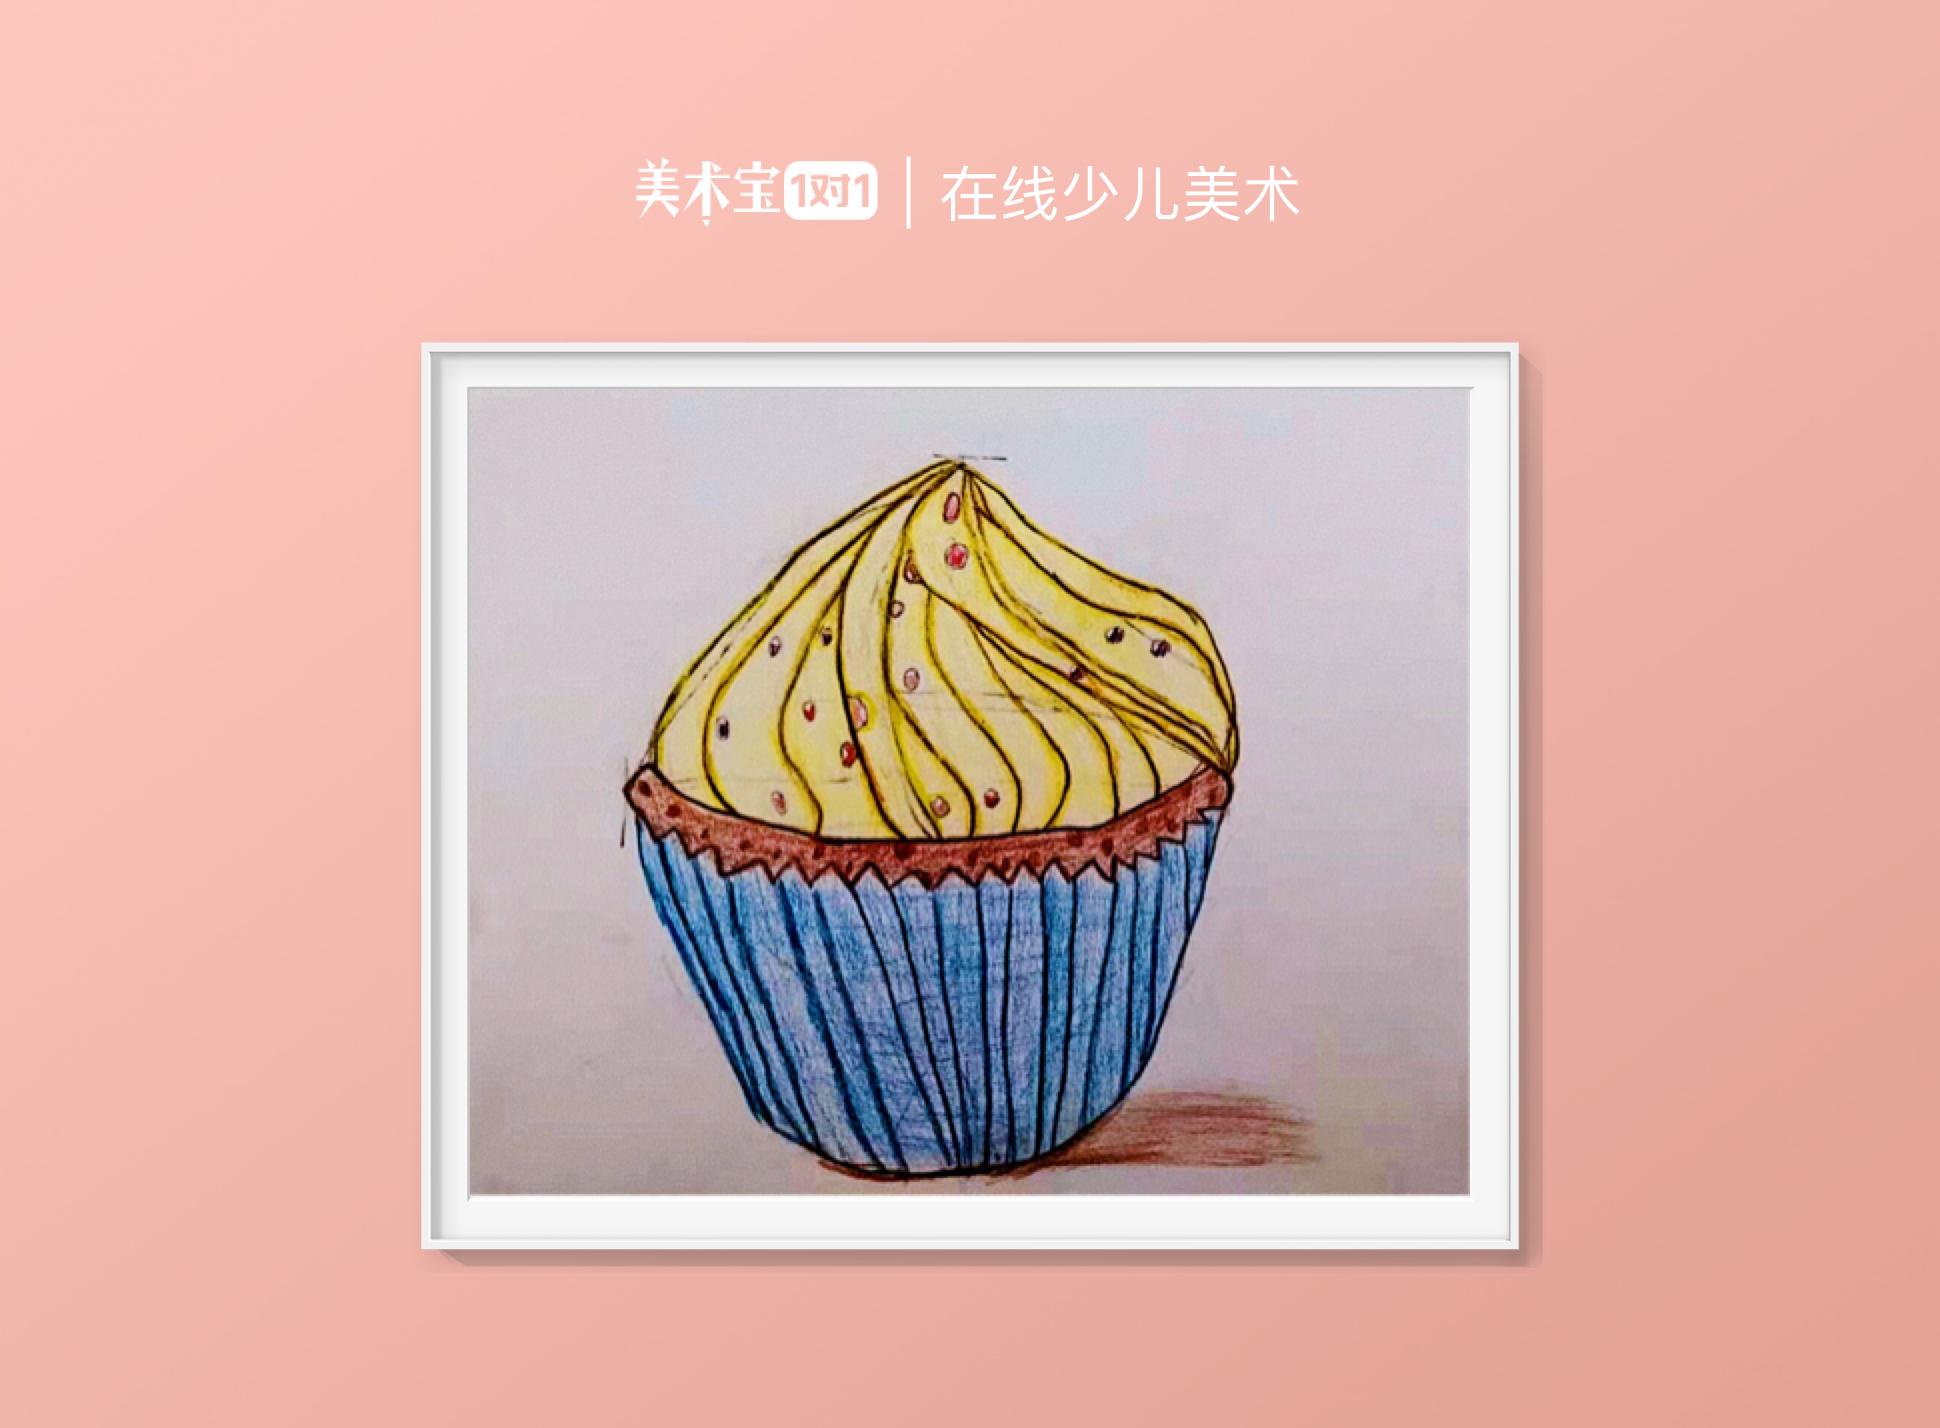 彩铅食物《蛋糕》